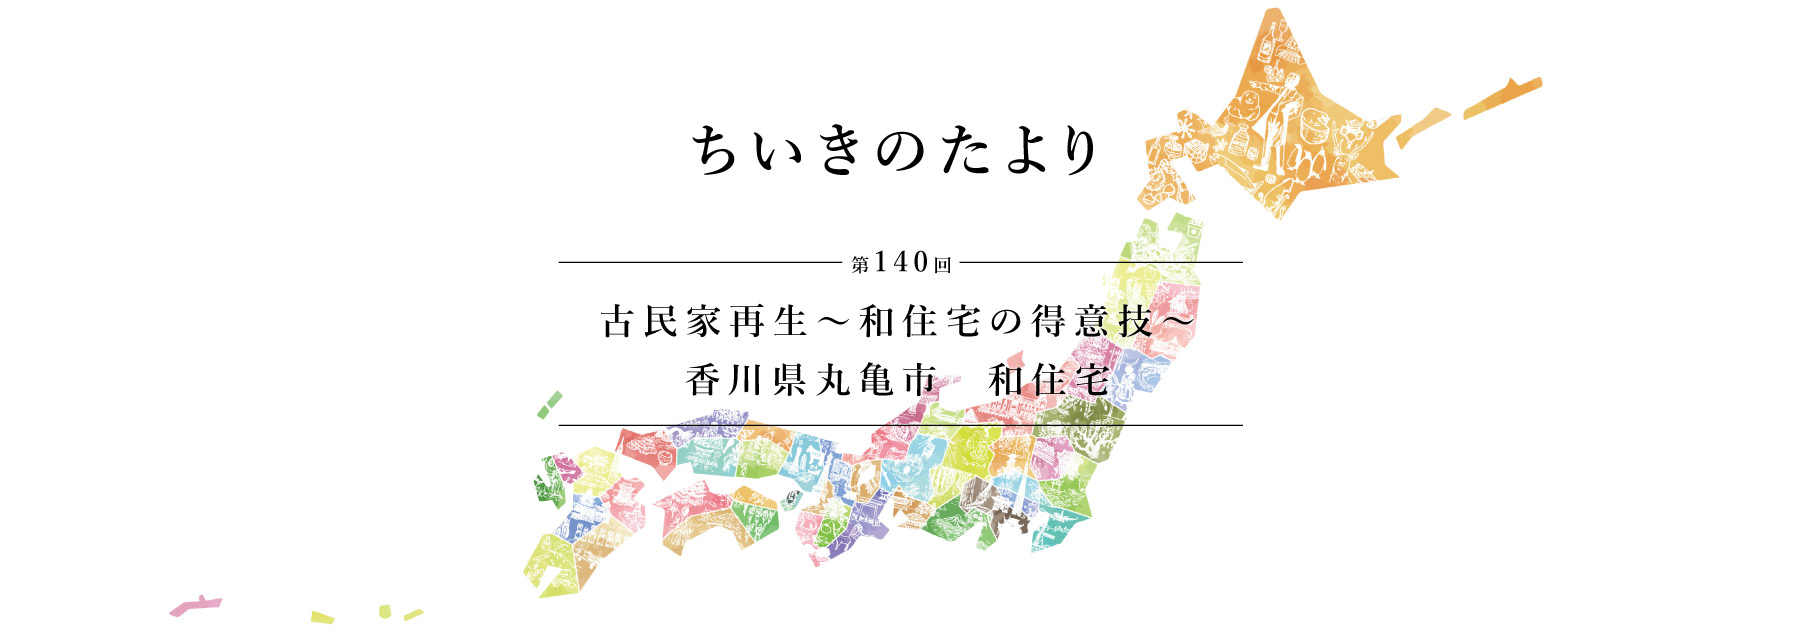 ちいきのたより第140回古民家再生和住宅の得意技 香川県丸亀市和住宅